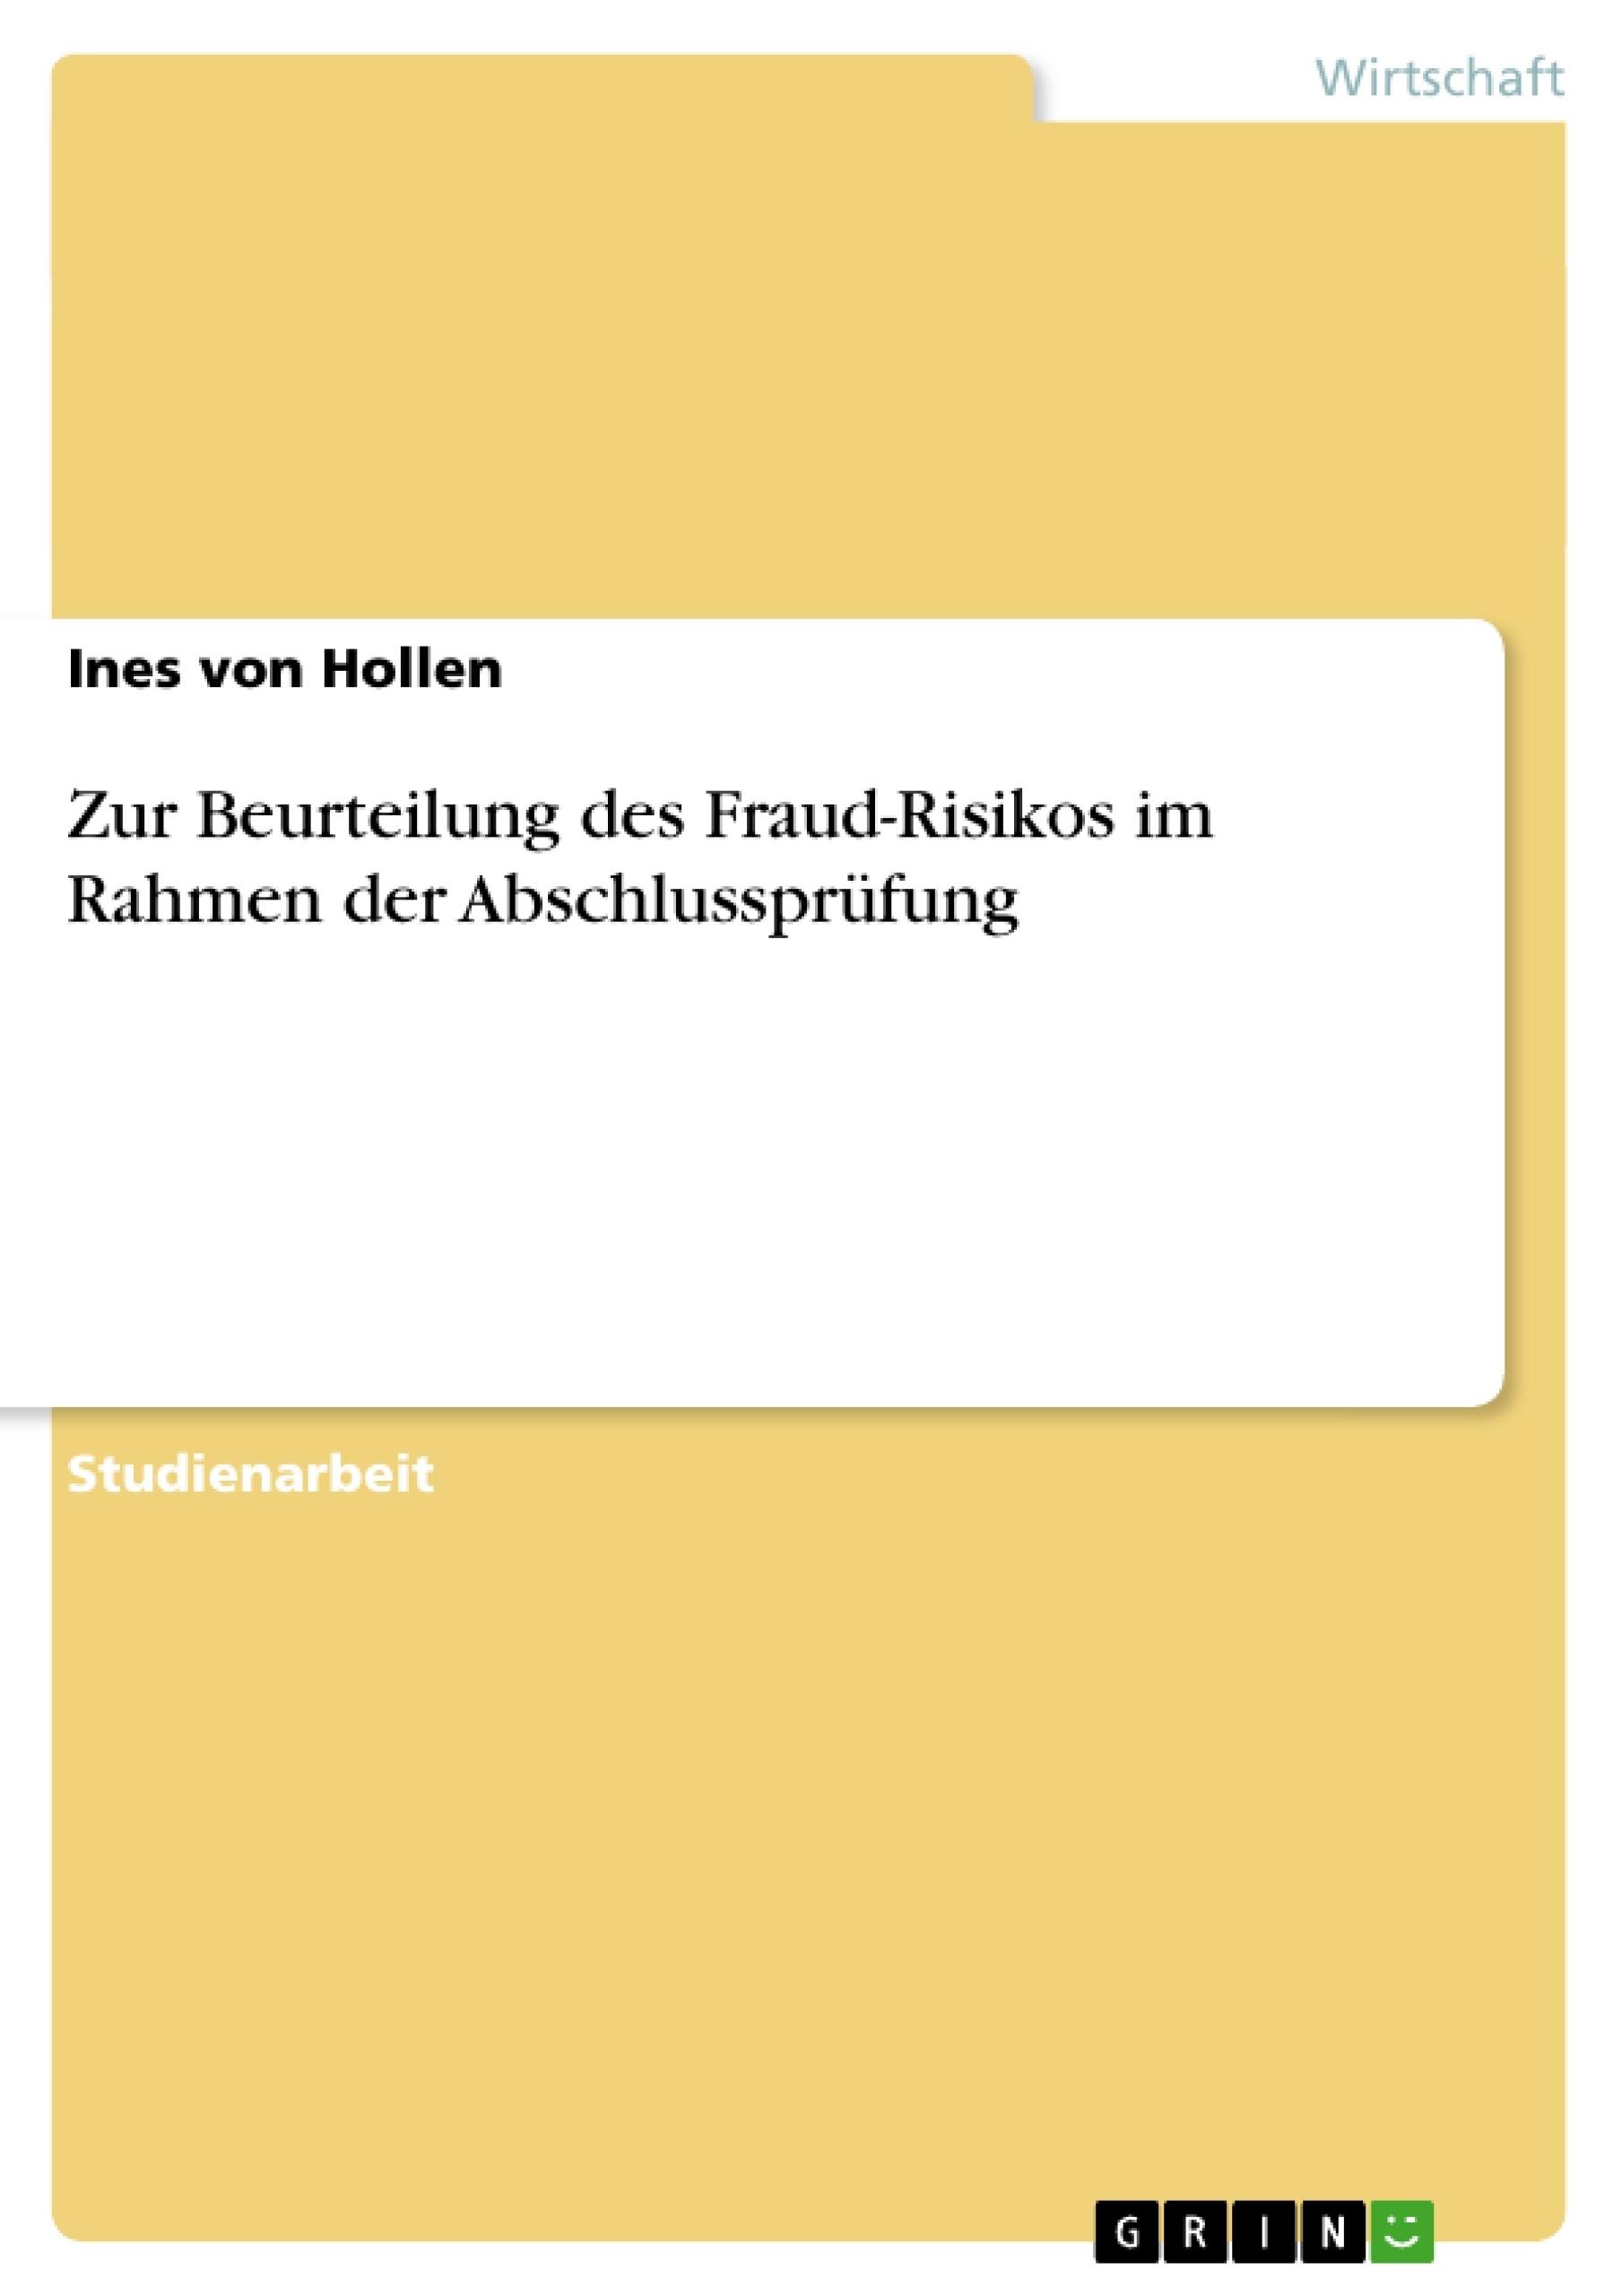 Titel: Zur Beurteilung des Fraud-Risikos im Rahmen der Abschlussprüfung